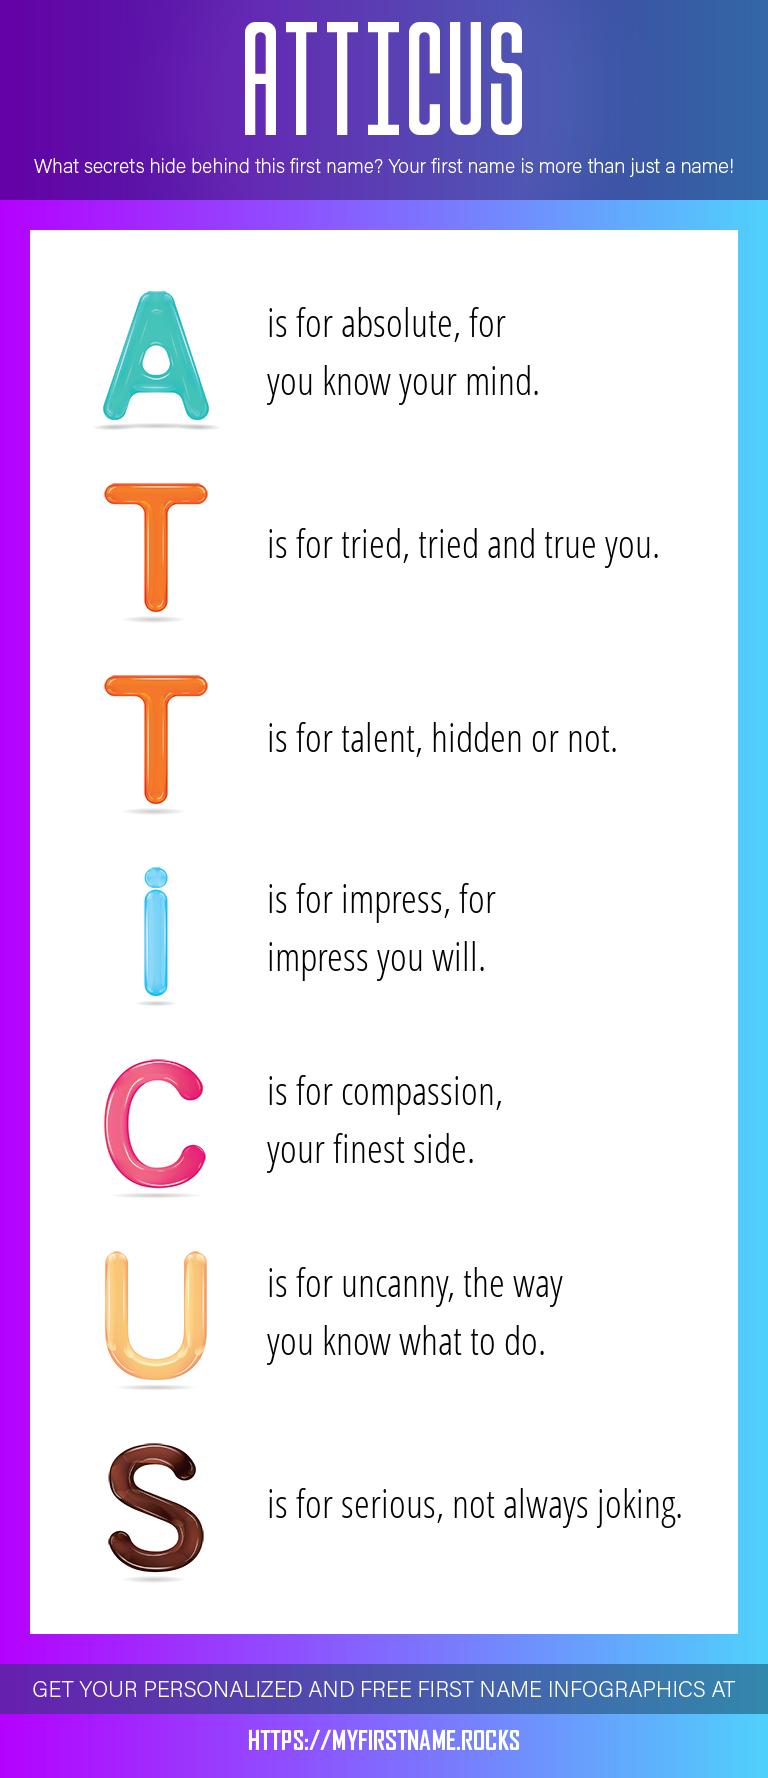 Atticus Infographics